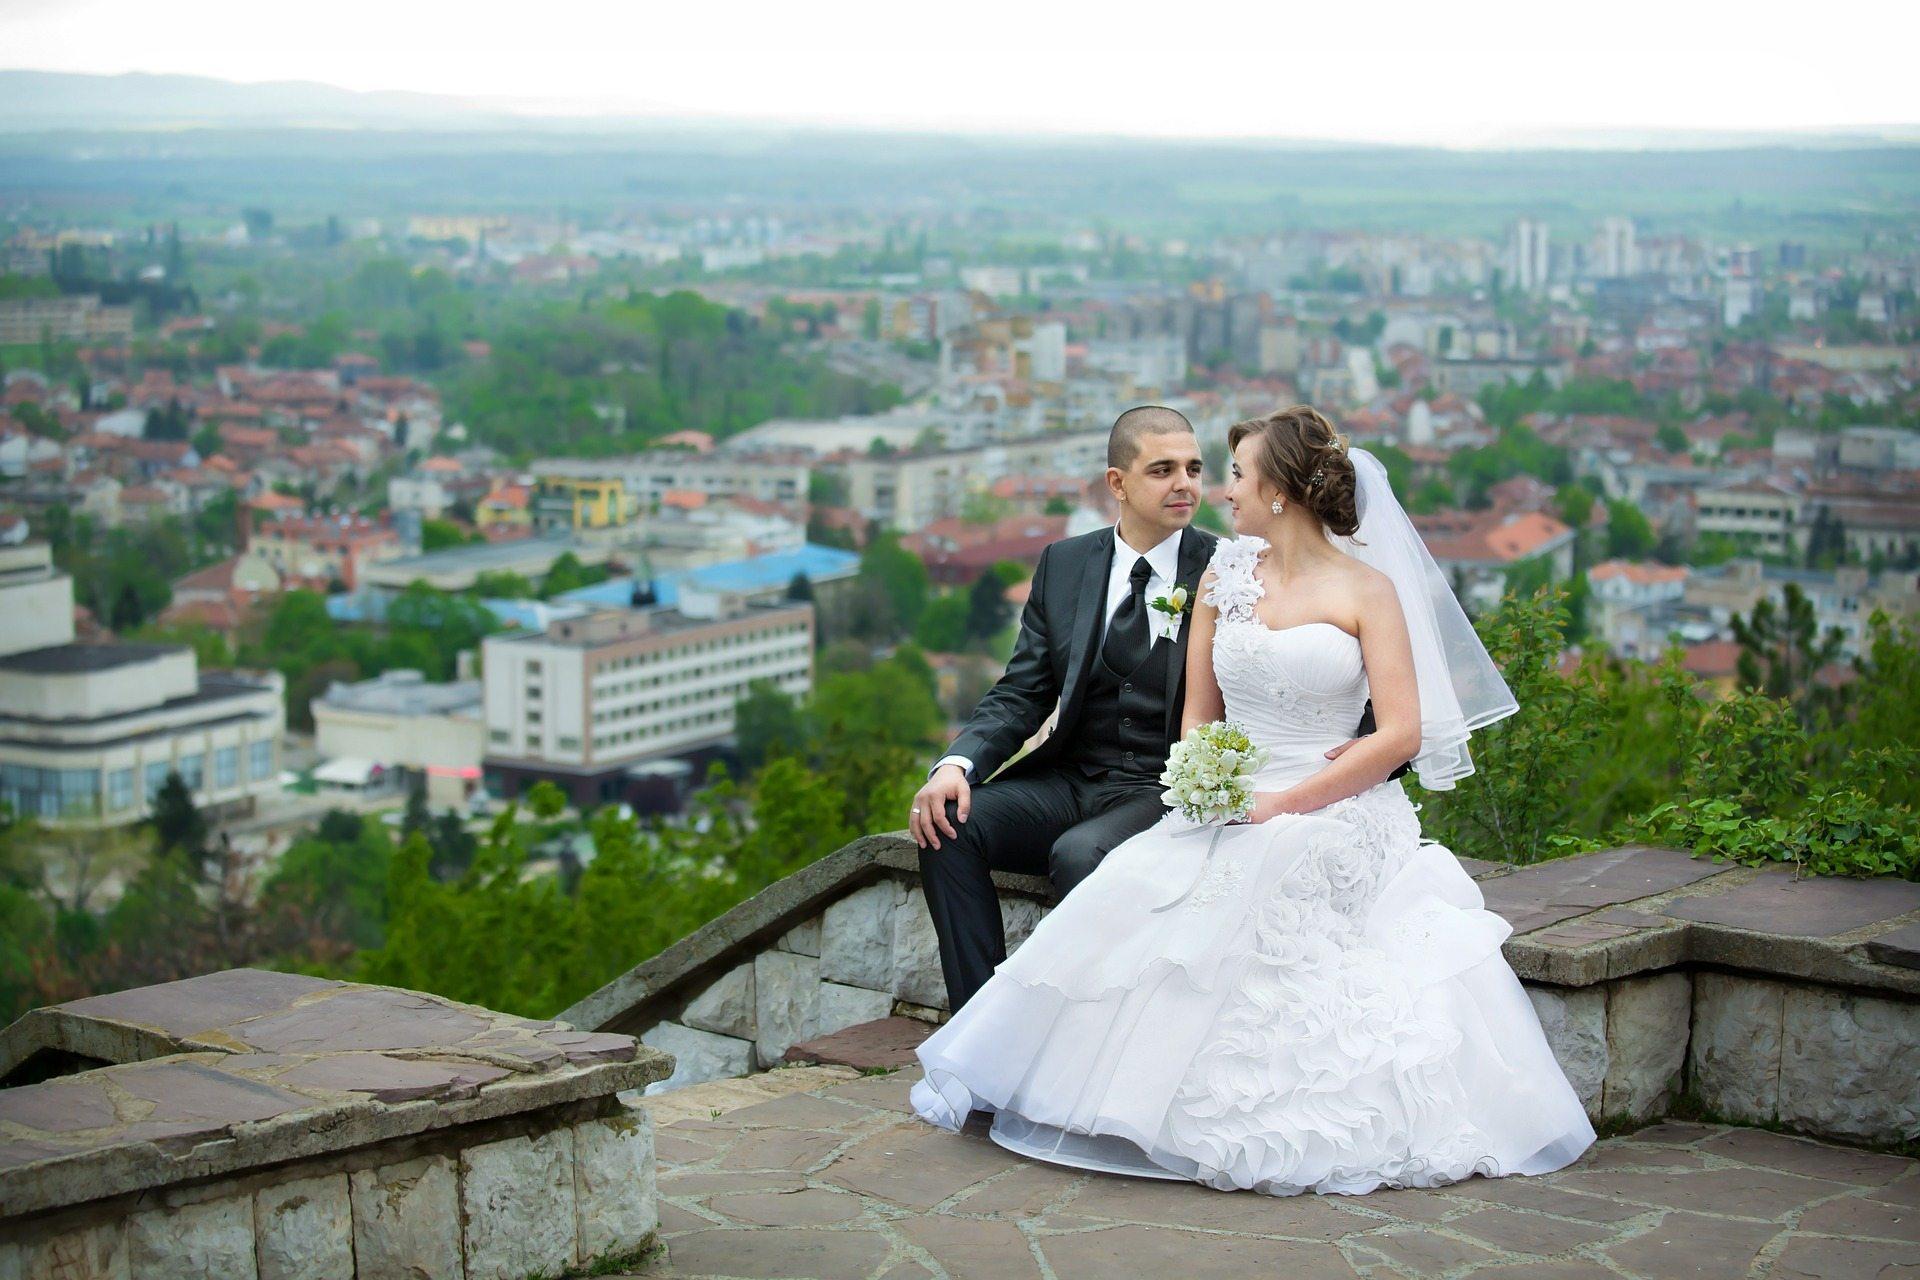 newlyweds-608785_1920 Pixabay